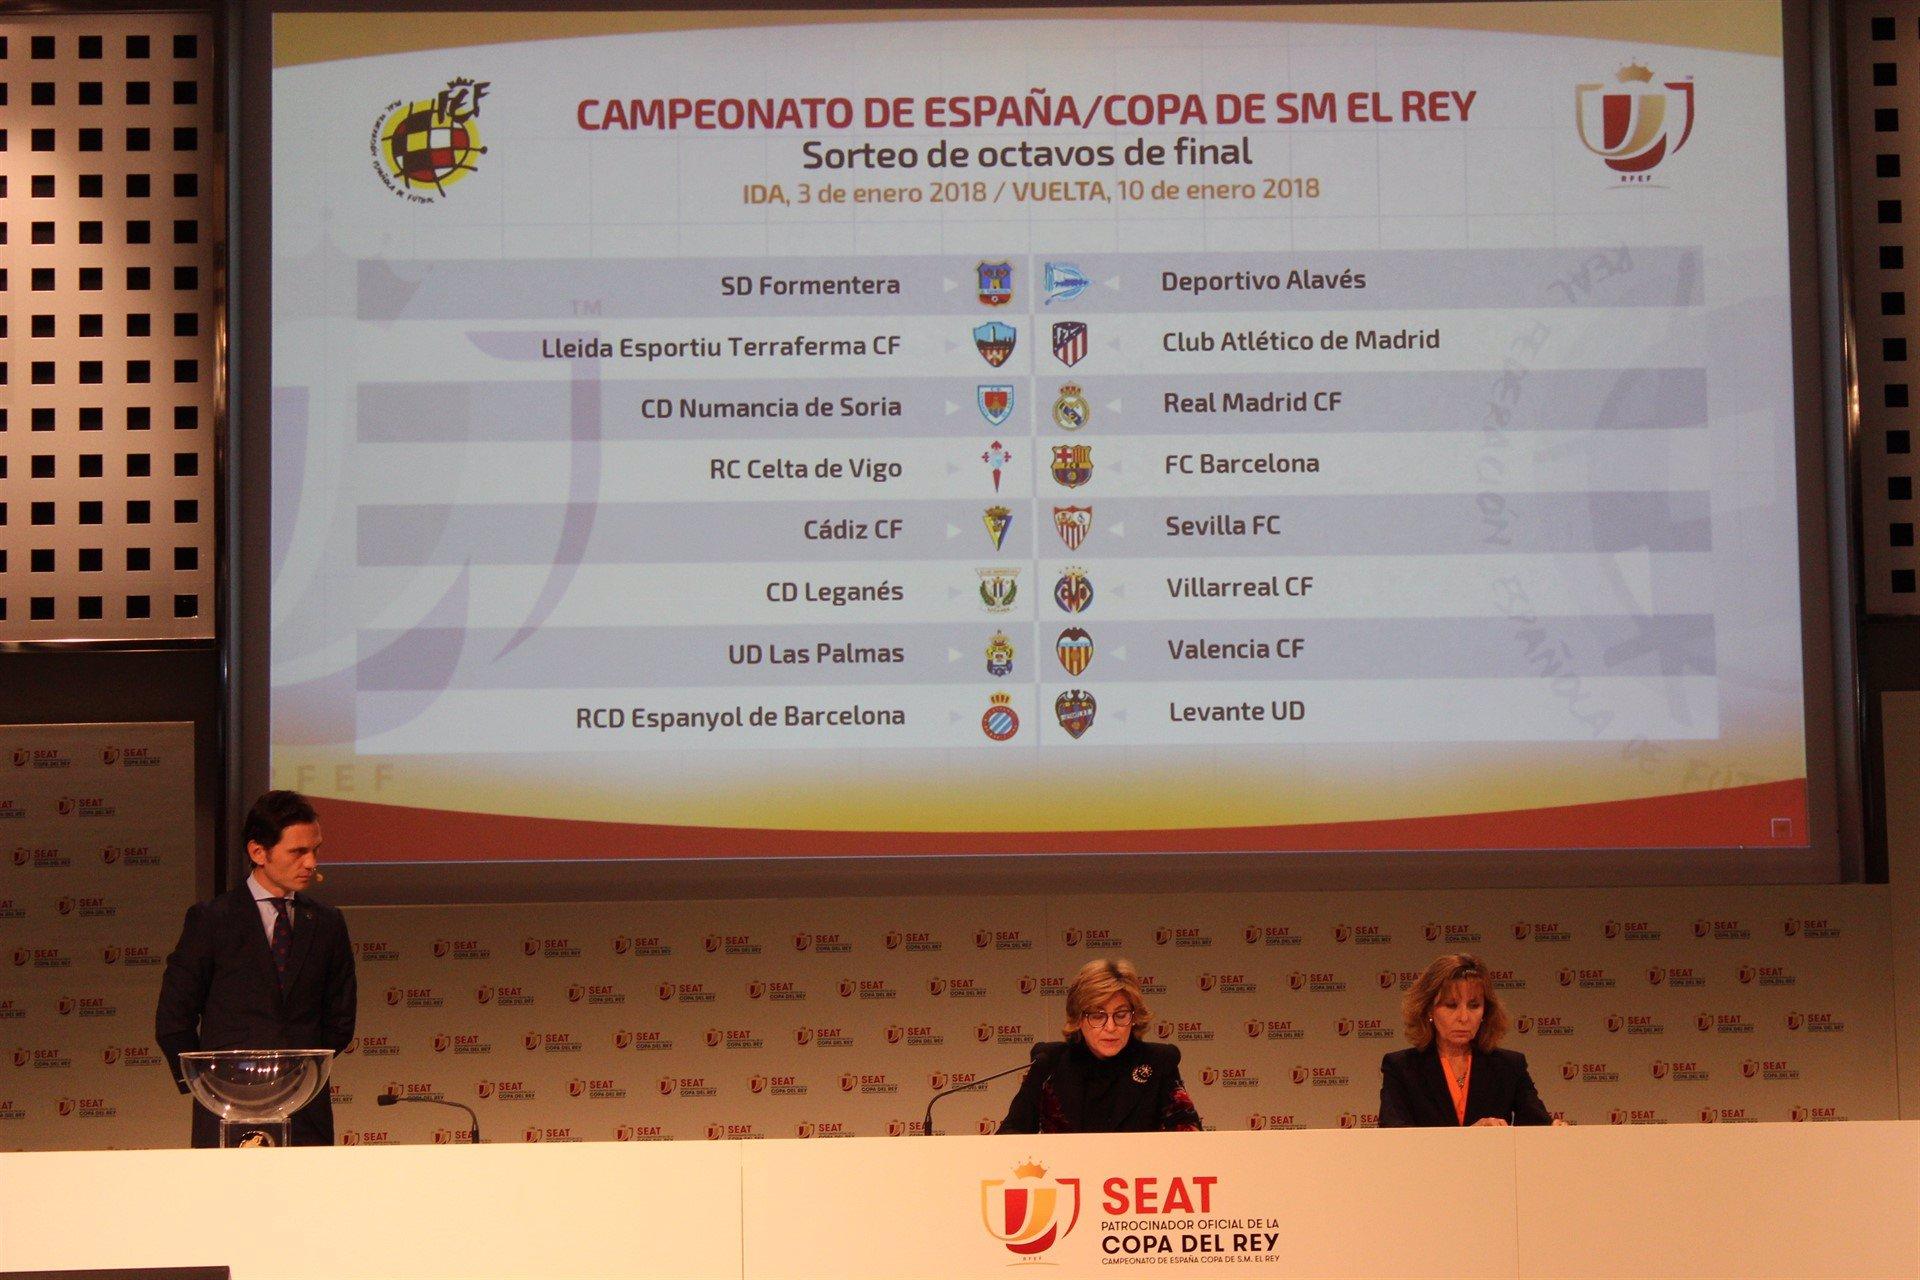 Formentera-Alavés, Celta-Barça, Numancia-Real Madrid y Lleida-Atlético, duelos de octavos de final